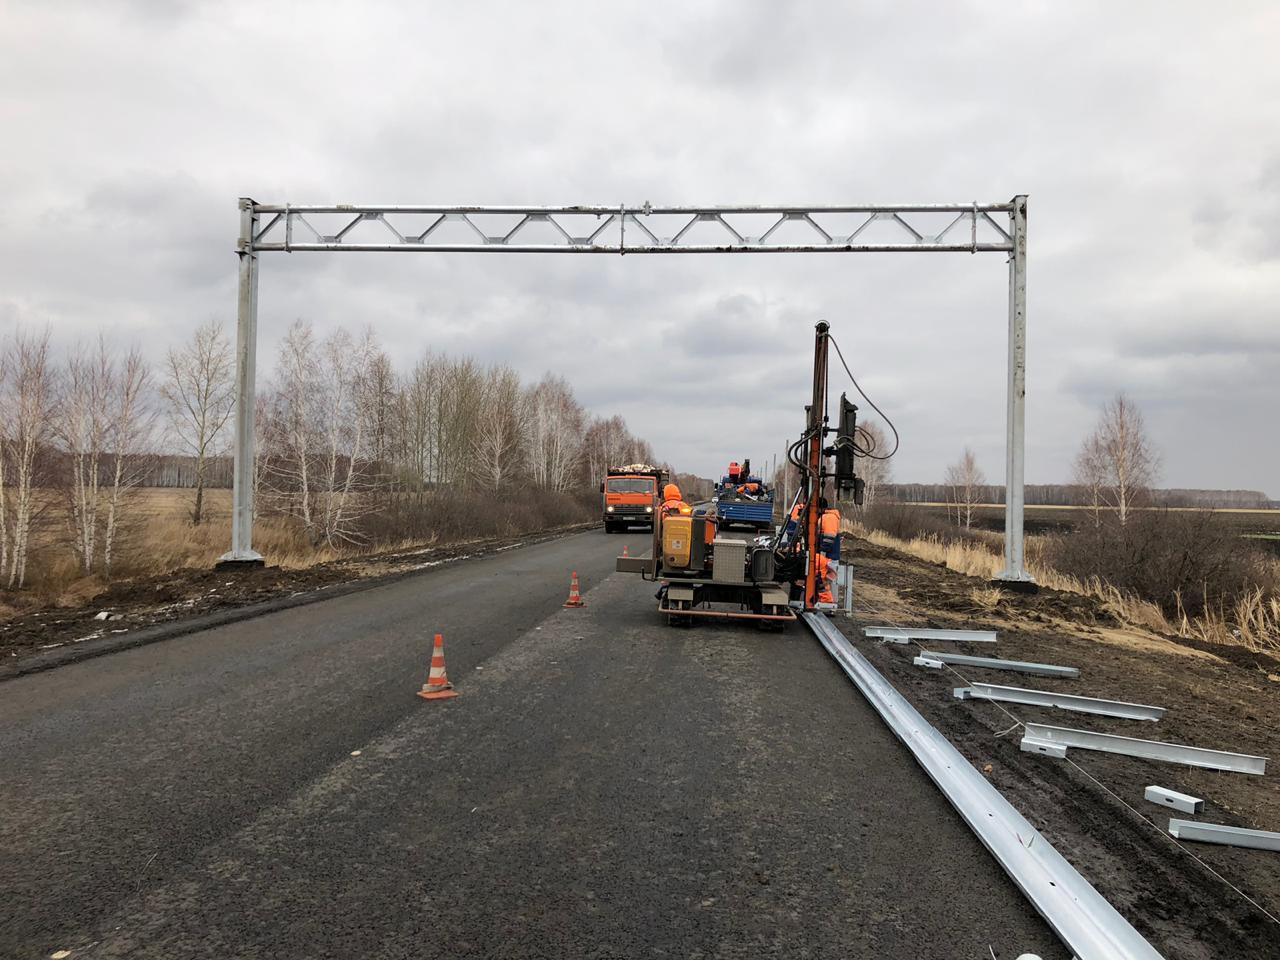 Дальнобойщики объезжают весовой контроль и разрушают дороги в омском селе #Новости #Общество #Омск